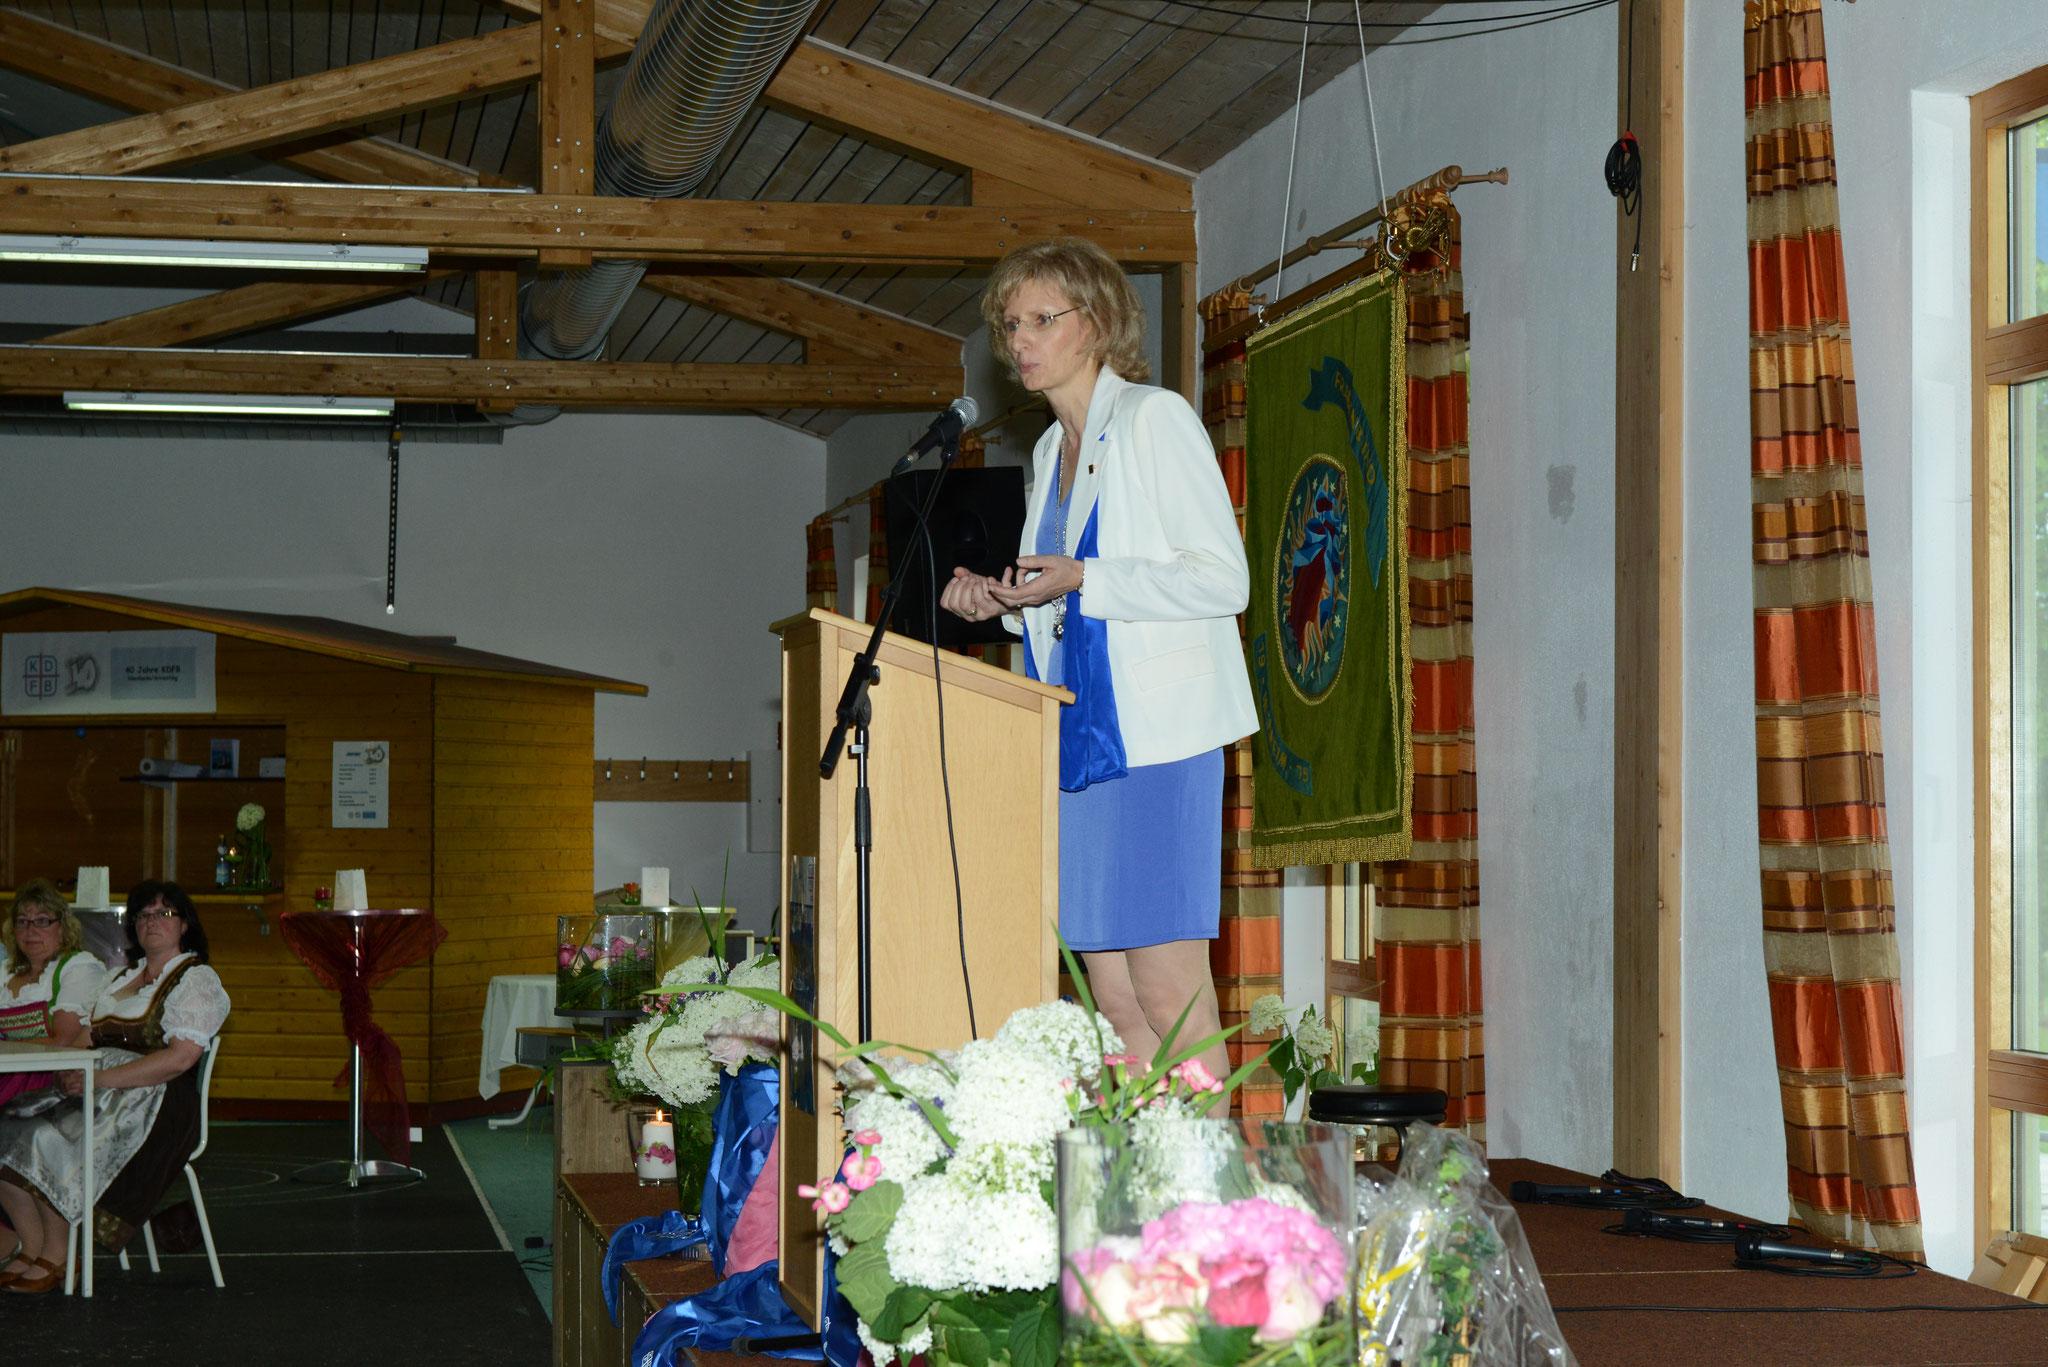 die damalige Bezirksvorsitzende Marianne Bäumler (jetzt Vizepräsidentin des KDFB)